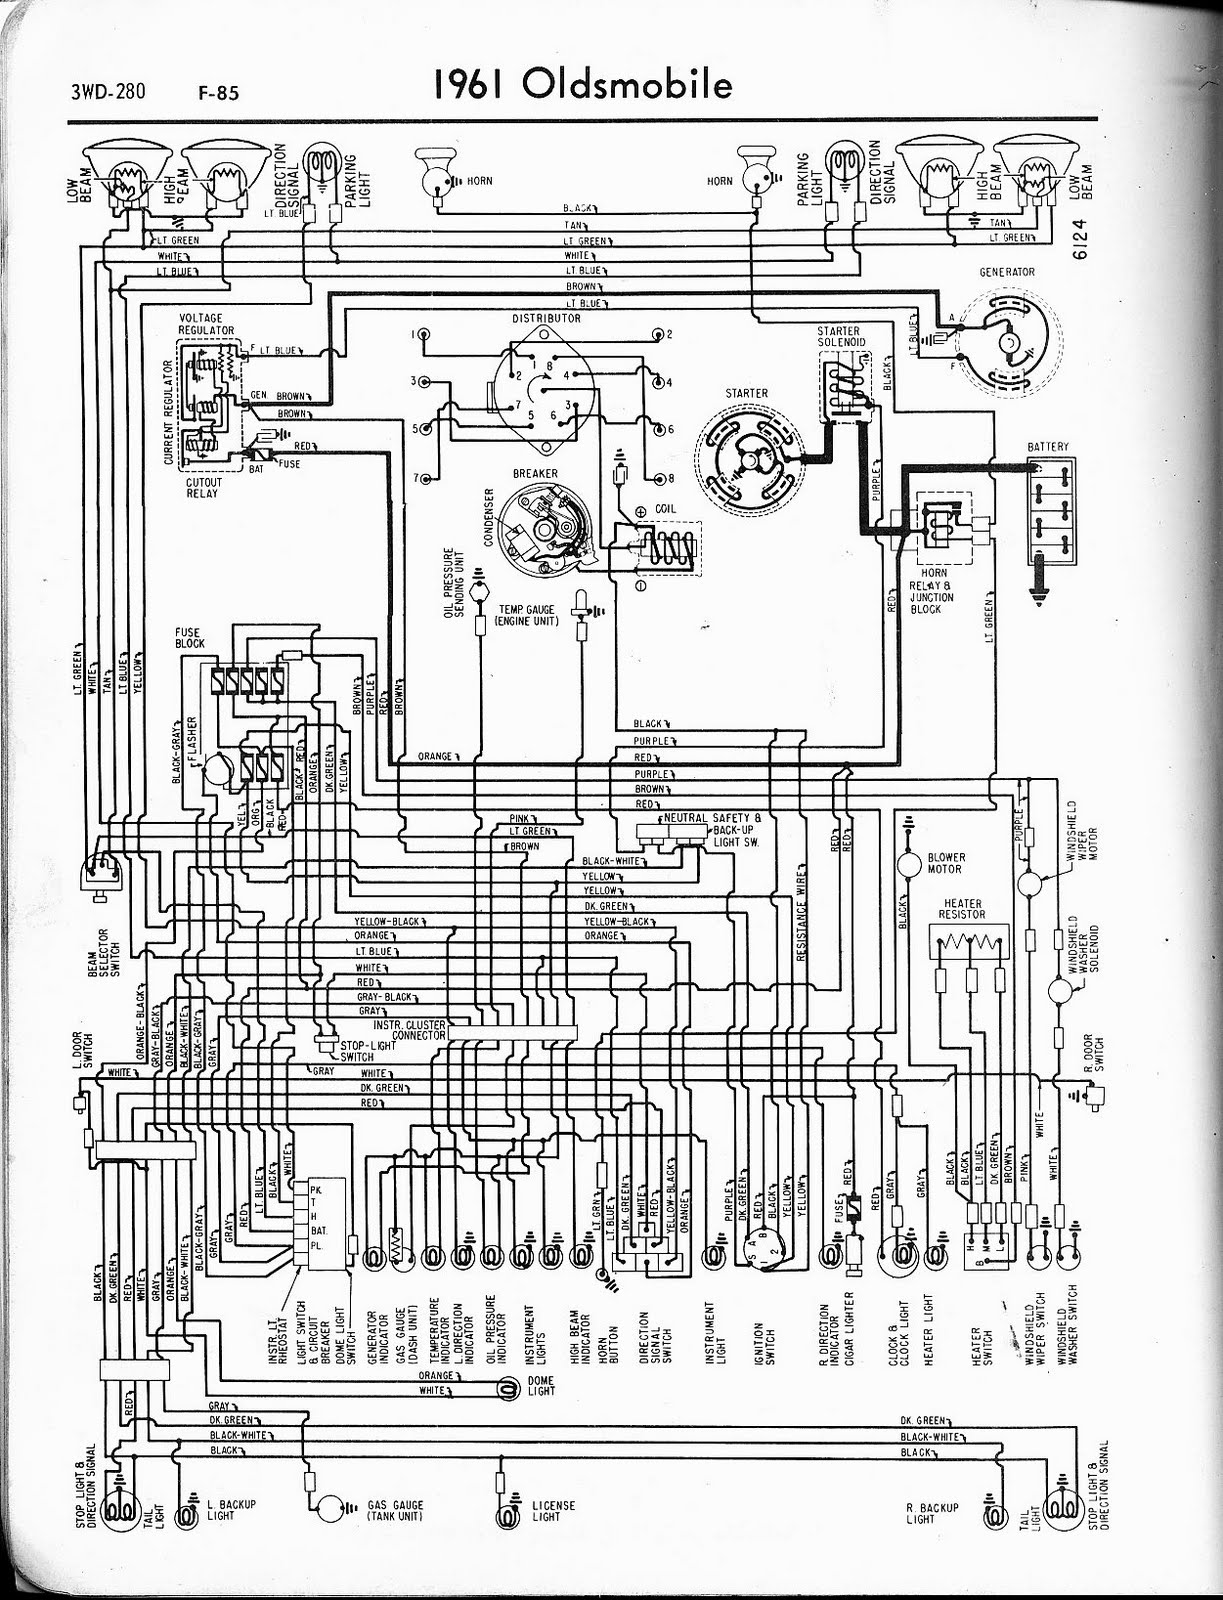 1970 mustang owners manual pdf